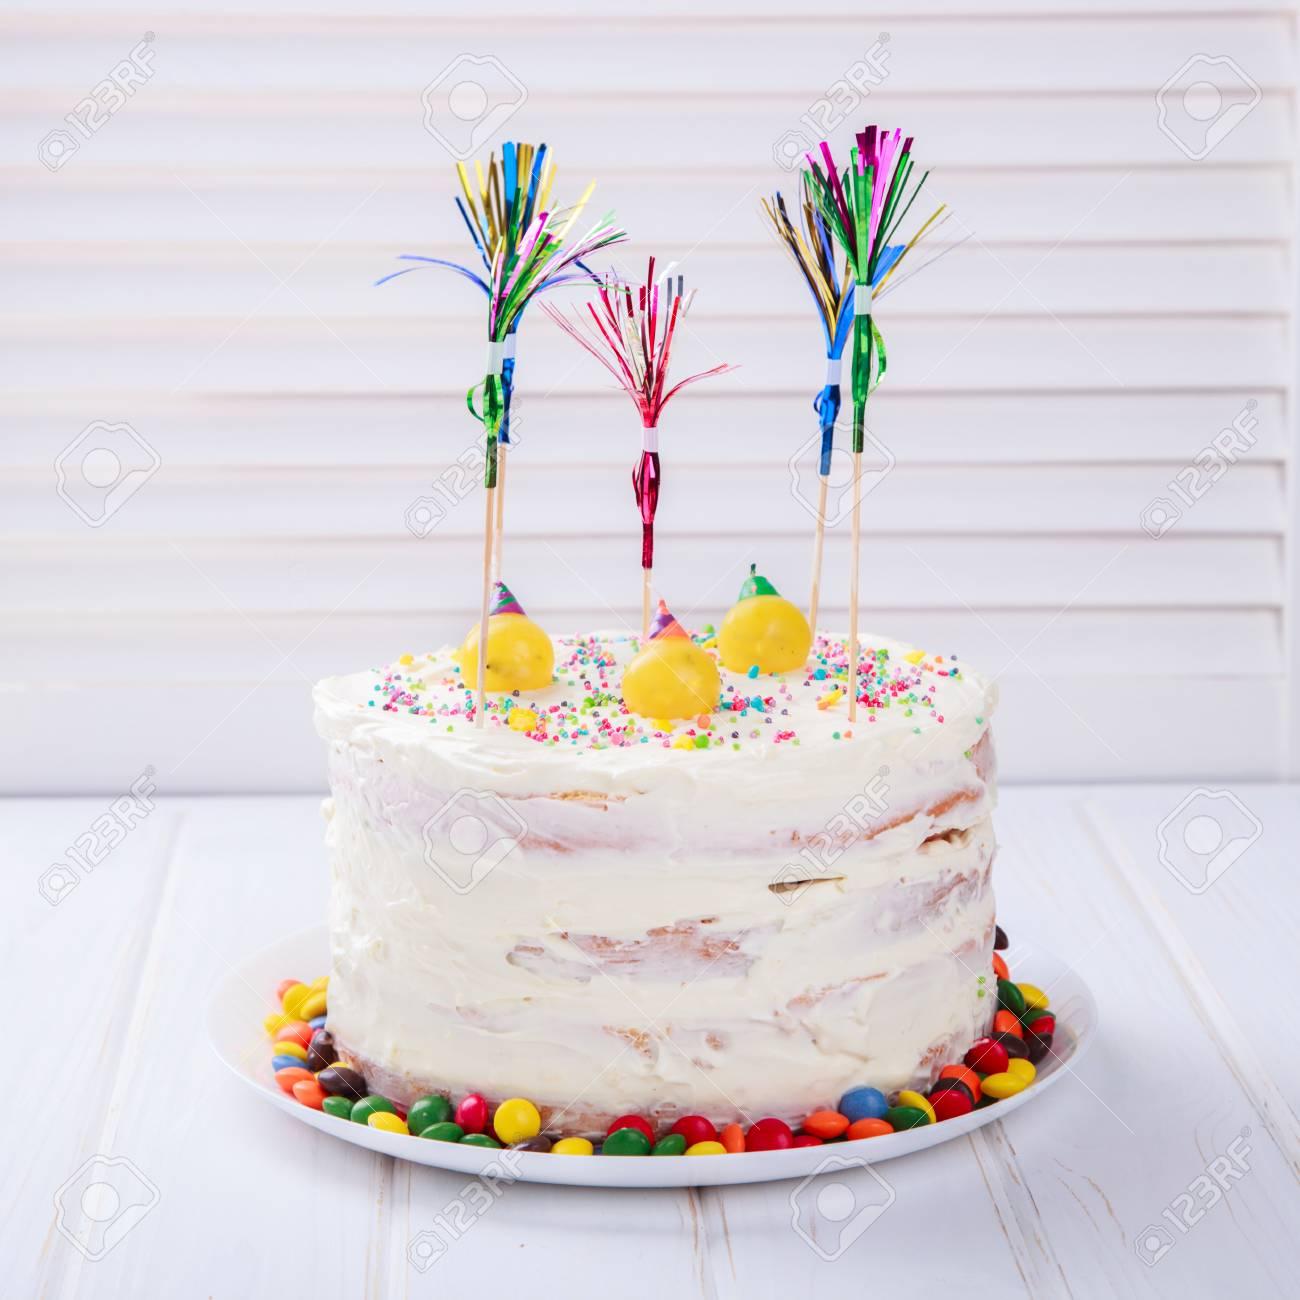 Gateau D Anniversaire Avec Des Bougies Holiday Bright Candy Baking